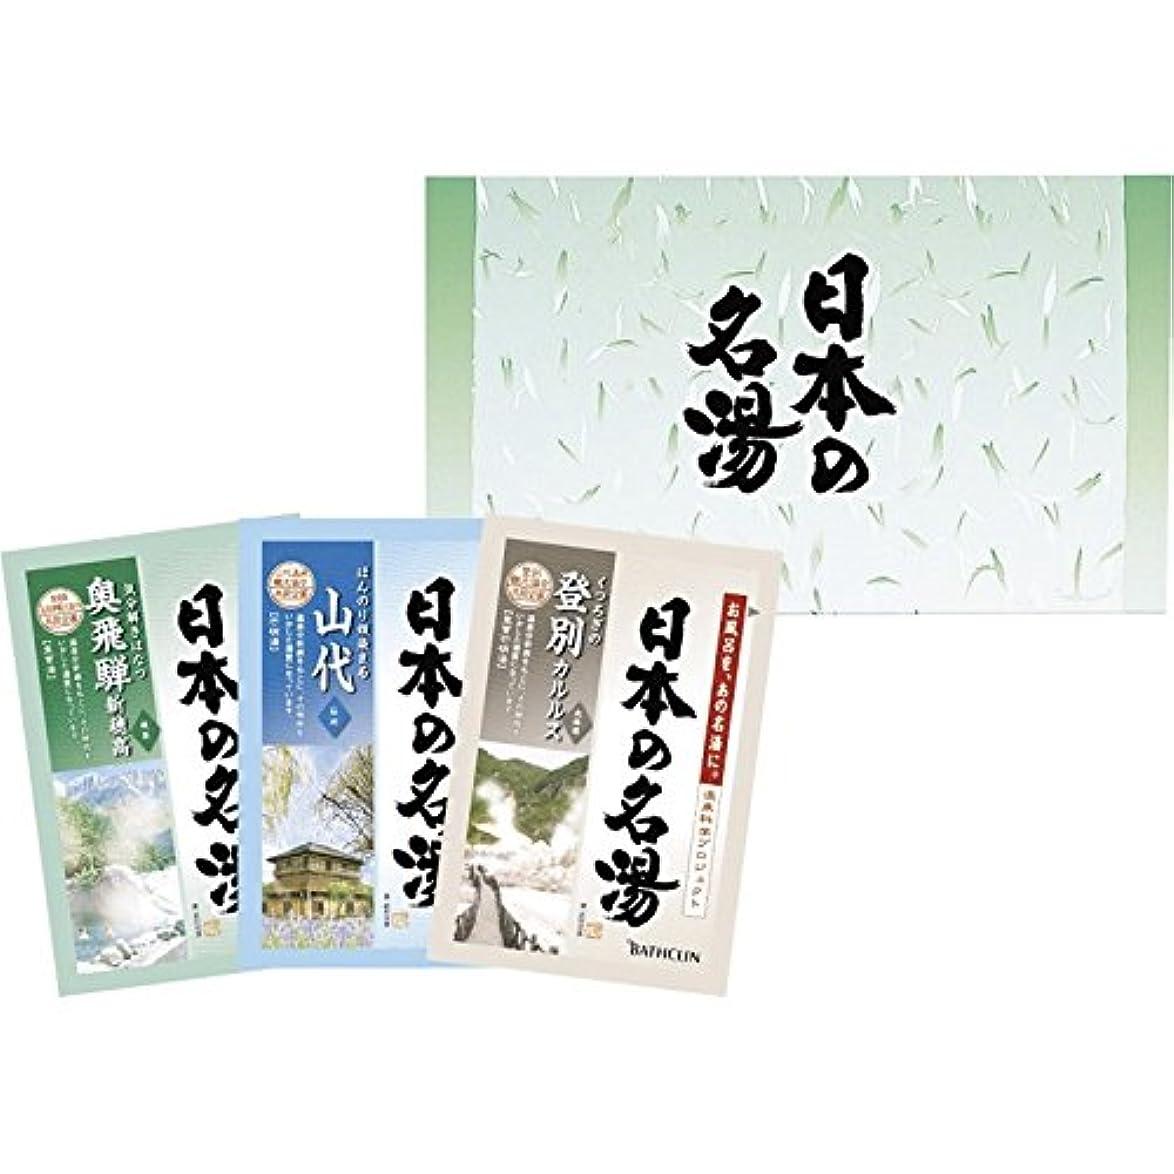 締める冬昆虫を見るバスクリン 日本の名湯 3包セット 【ギフトセット あたたまる あったまる ぽかぽか つめあわせ 詰め合わせ アソート バス用品 お風呂用品 300】